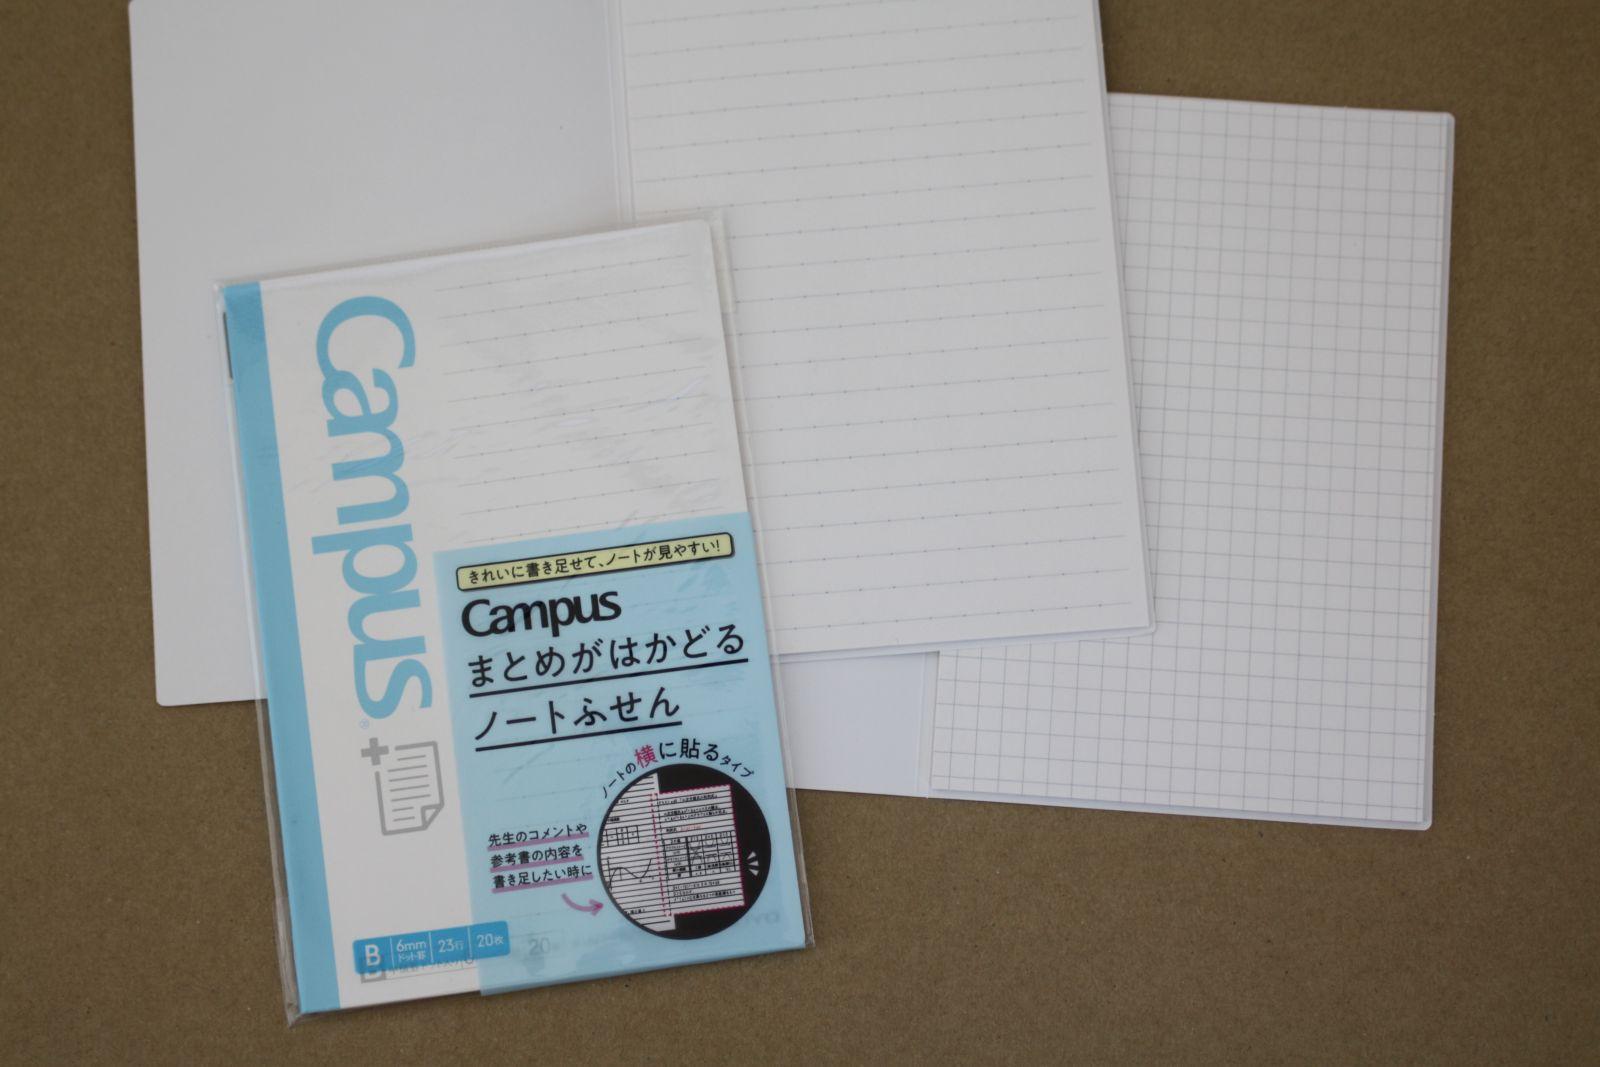 高校生に売れている文房具2:コクヨ(KOKUYO)「キャンパス まとめがはかどるノートふせん」